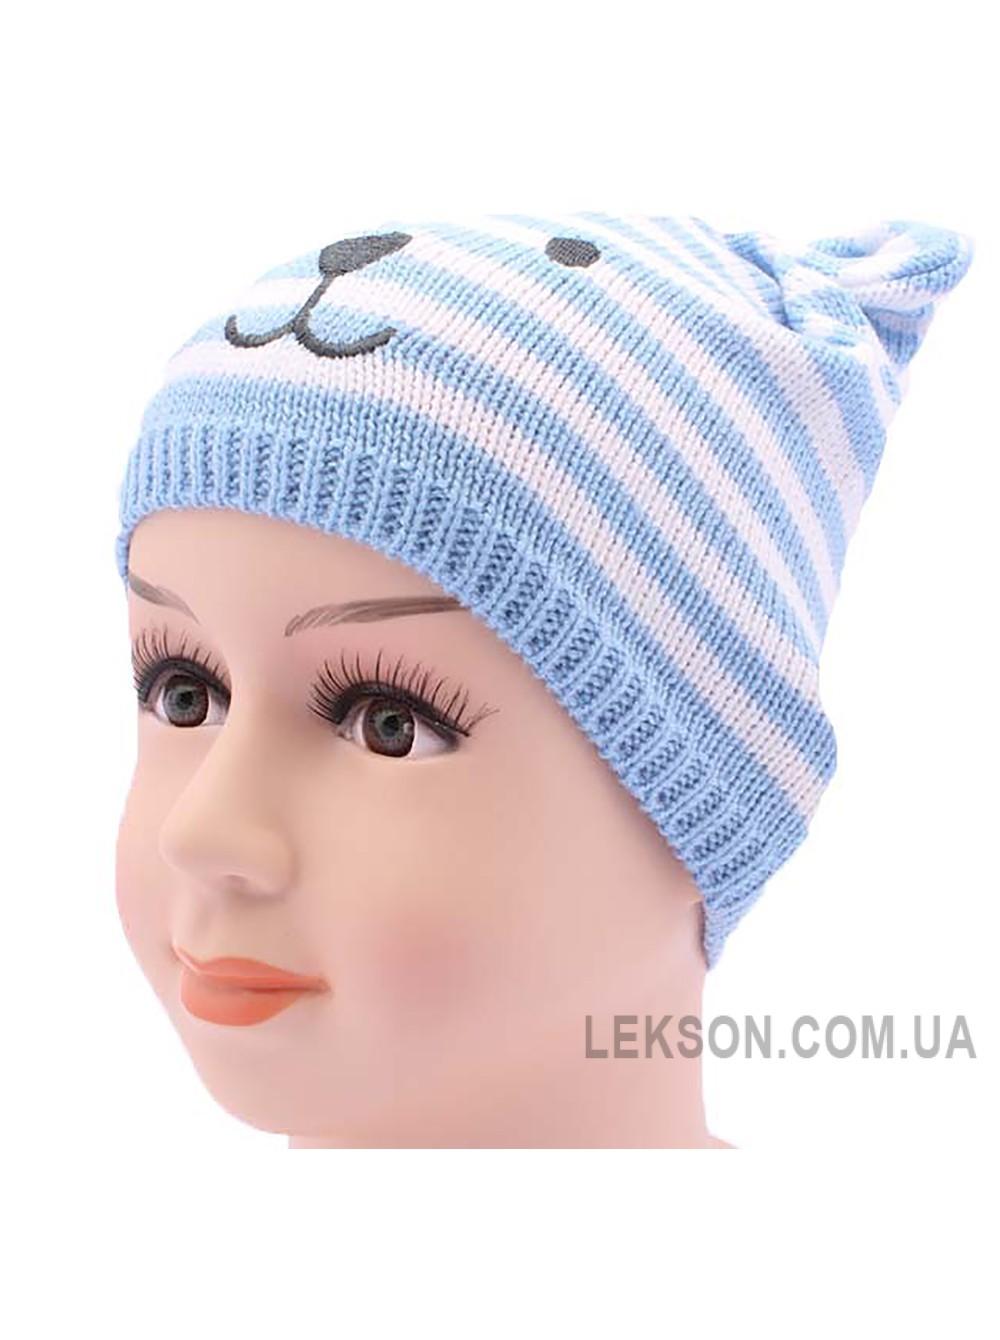 Детская вязаная шапка Панда DV2018-42-46